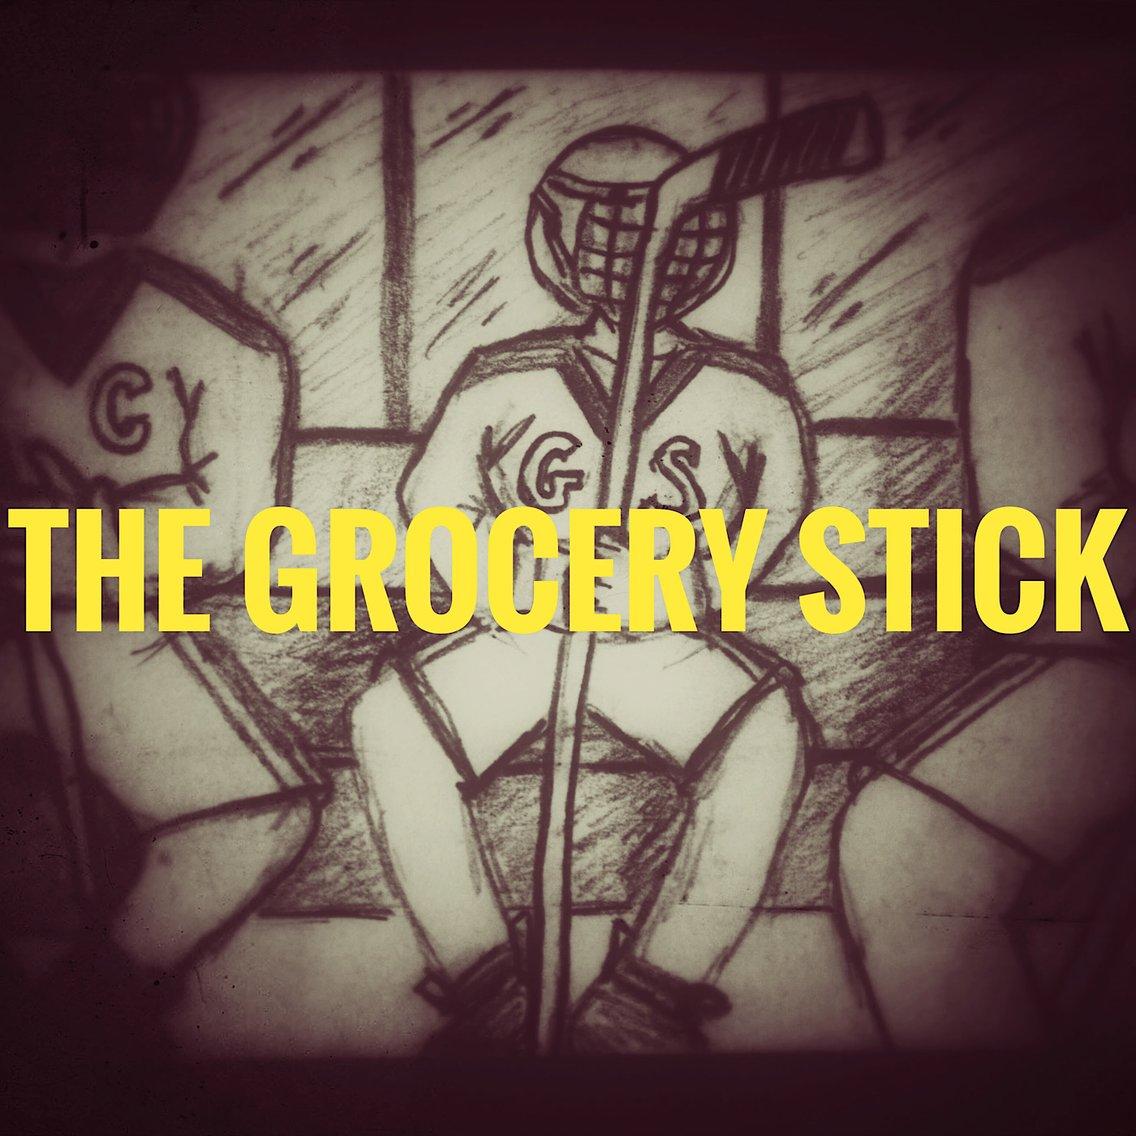 The Grocery Stick Podcast - imagen de portada